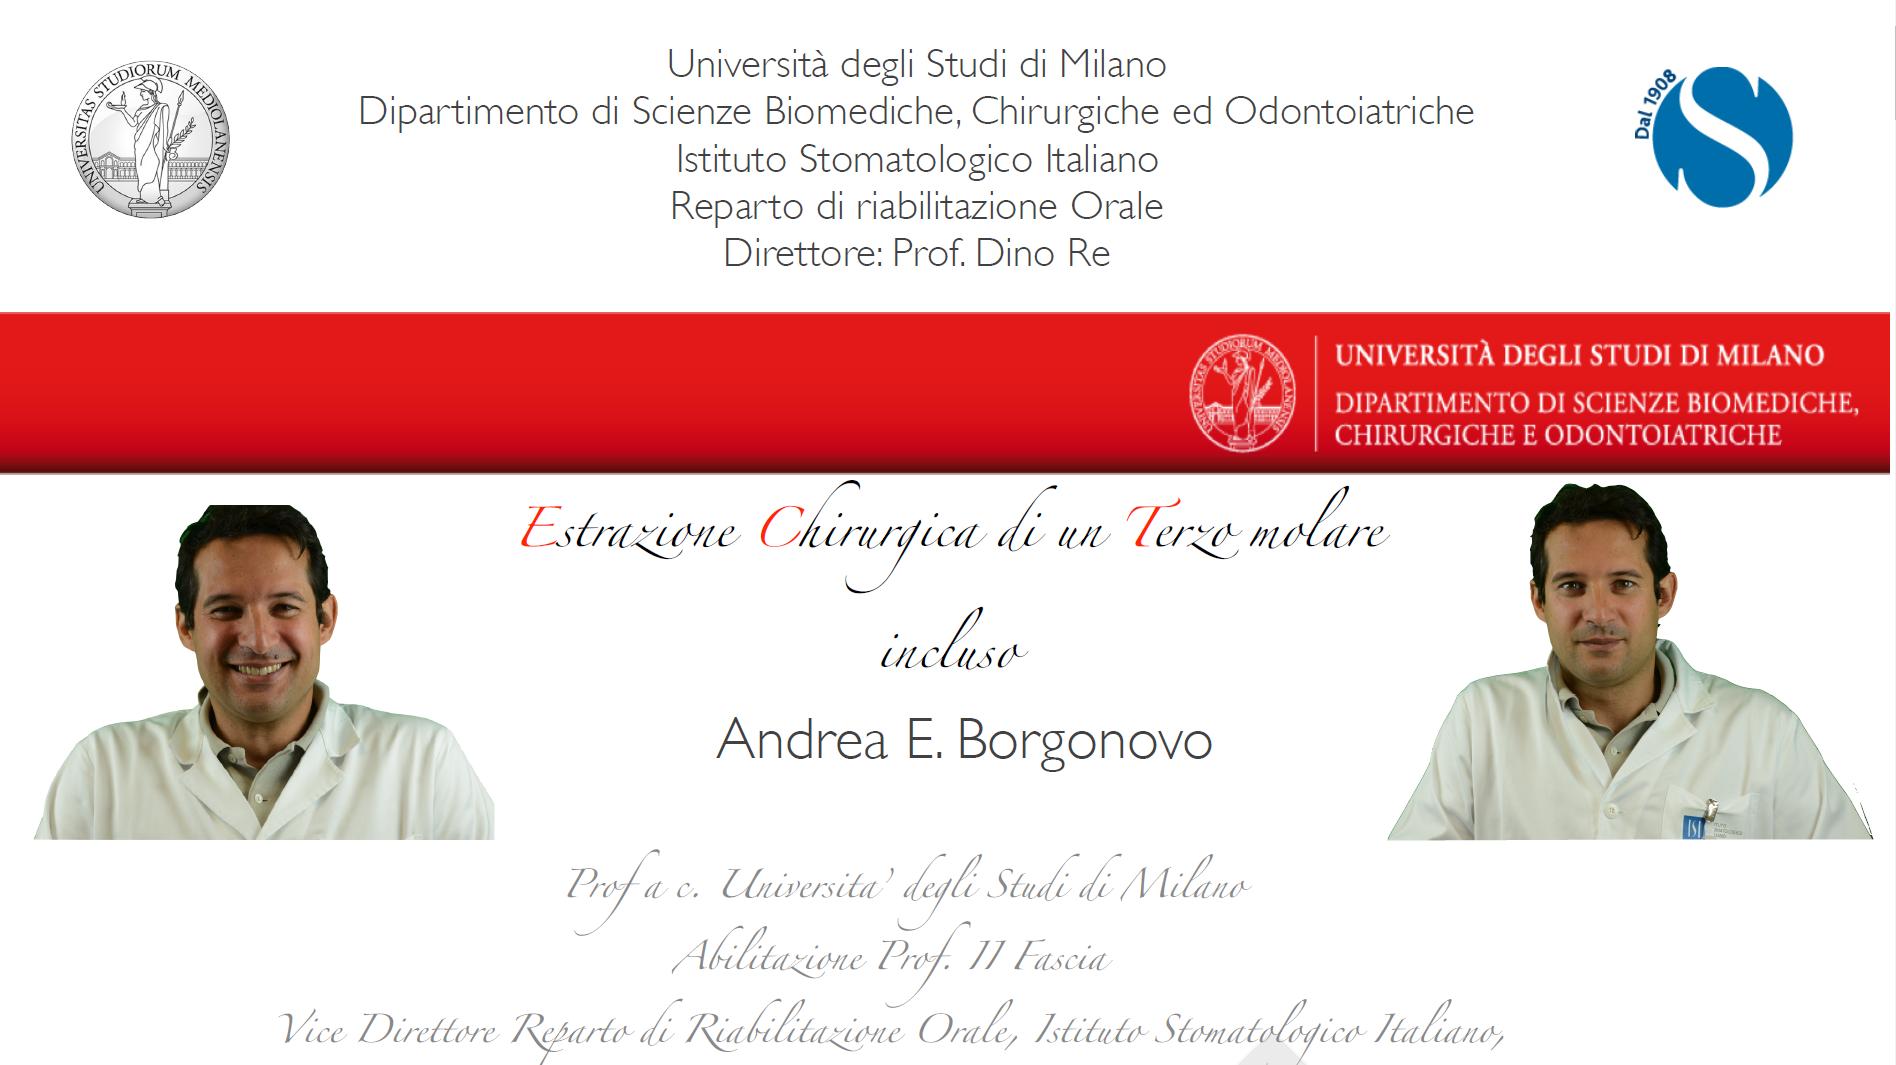 Dr. Andrea E. Borgonovo Foto 1